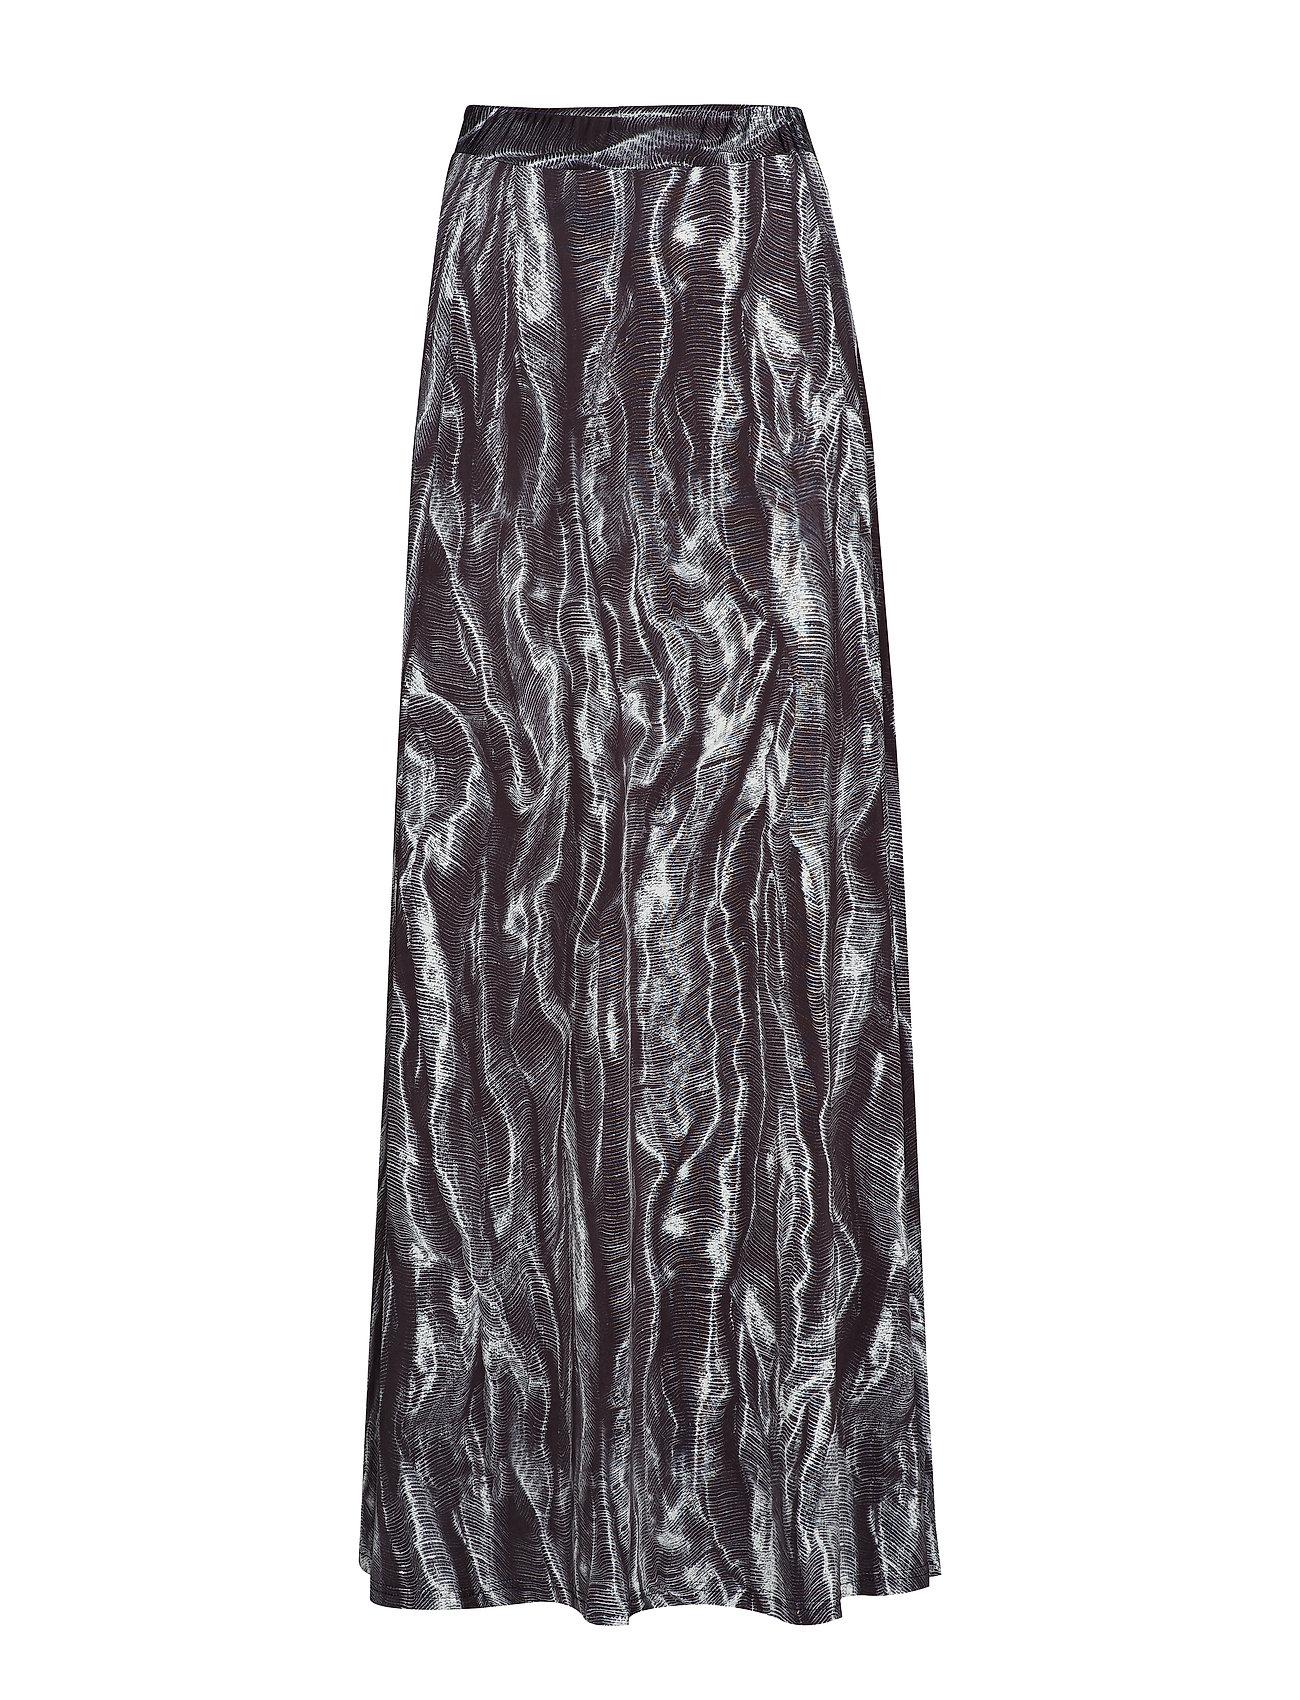 Diana Orving Long Skirt - PRINT